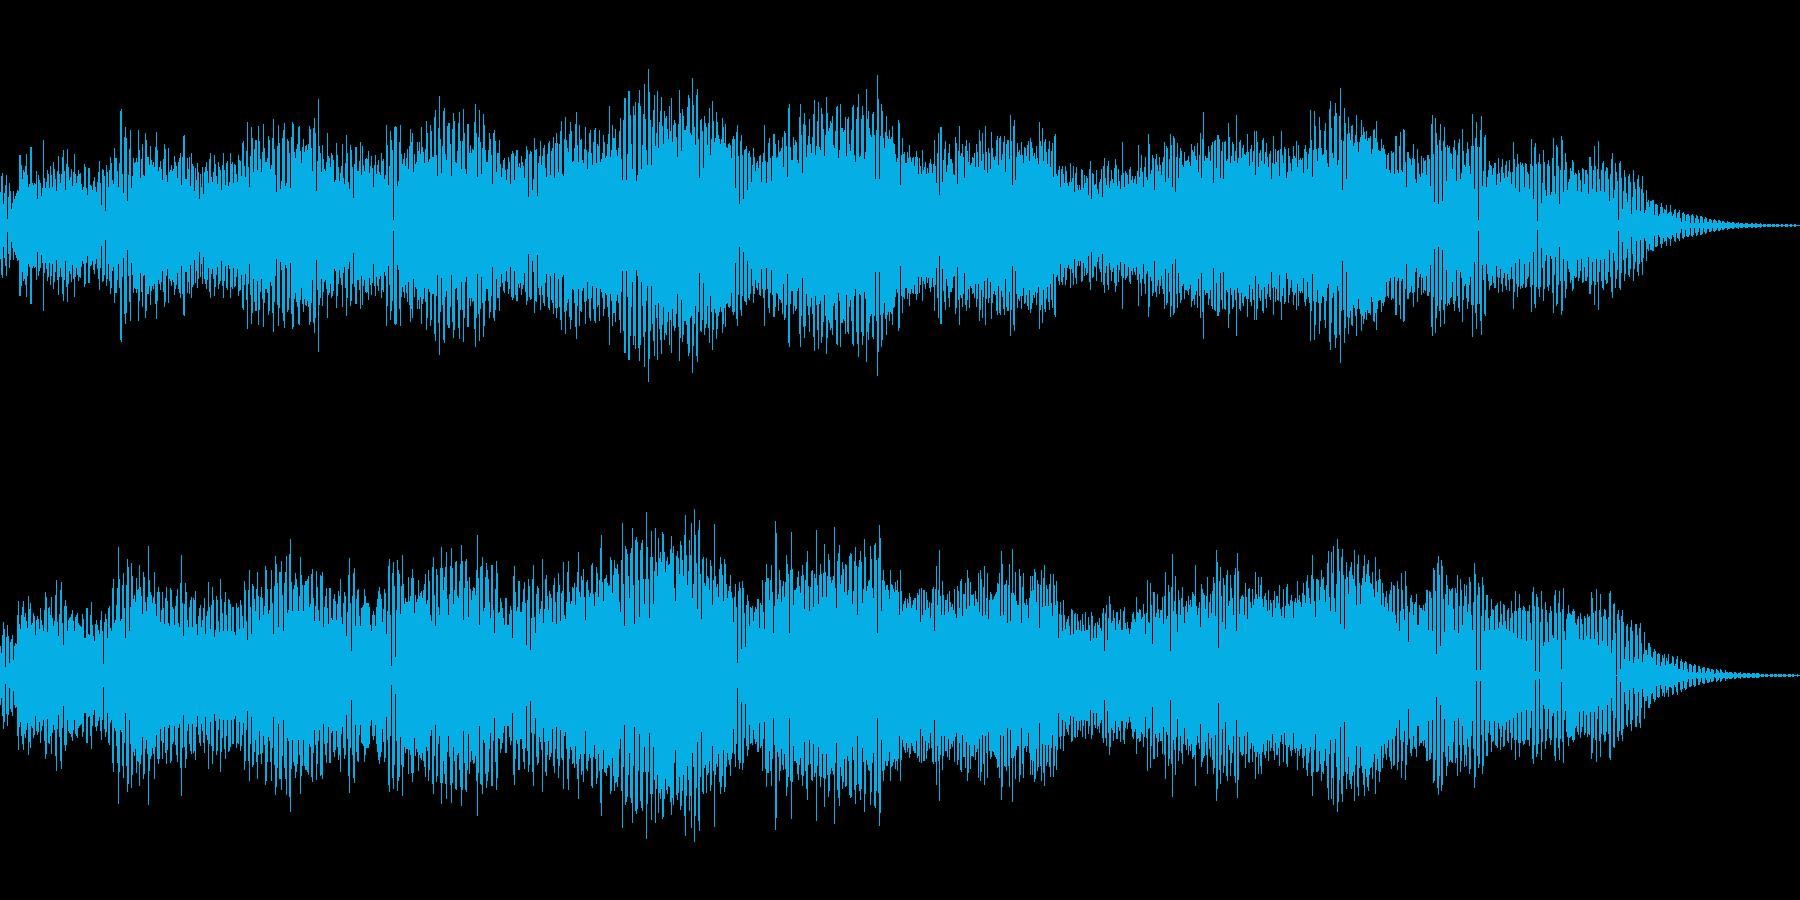 ウェーブテーブルシンセのパッド音の再生済みの波形